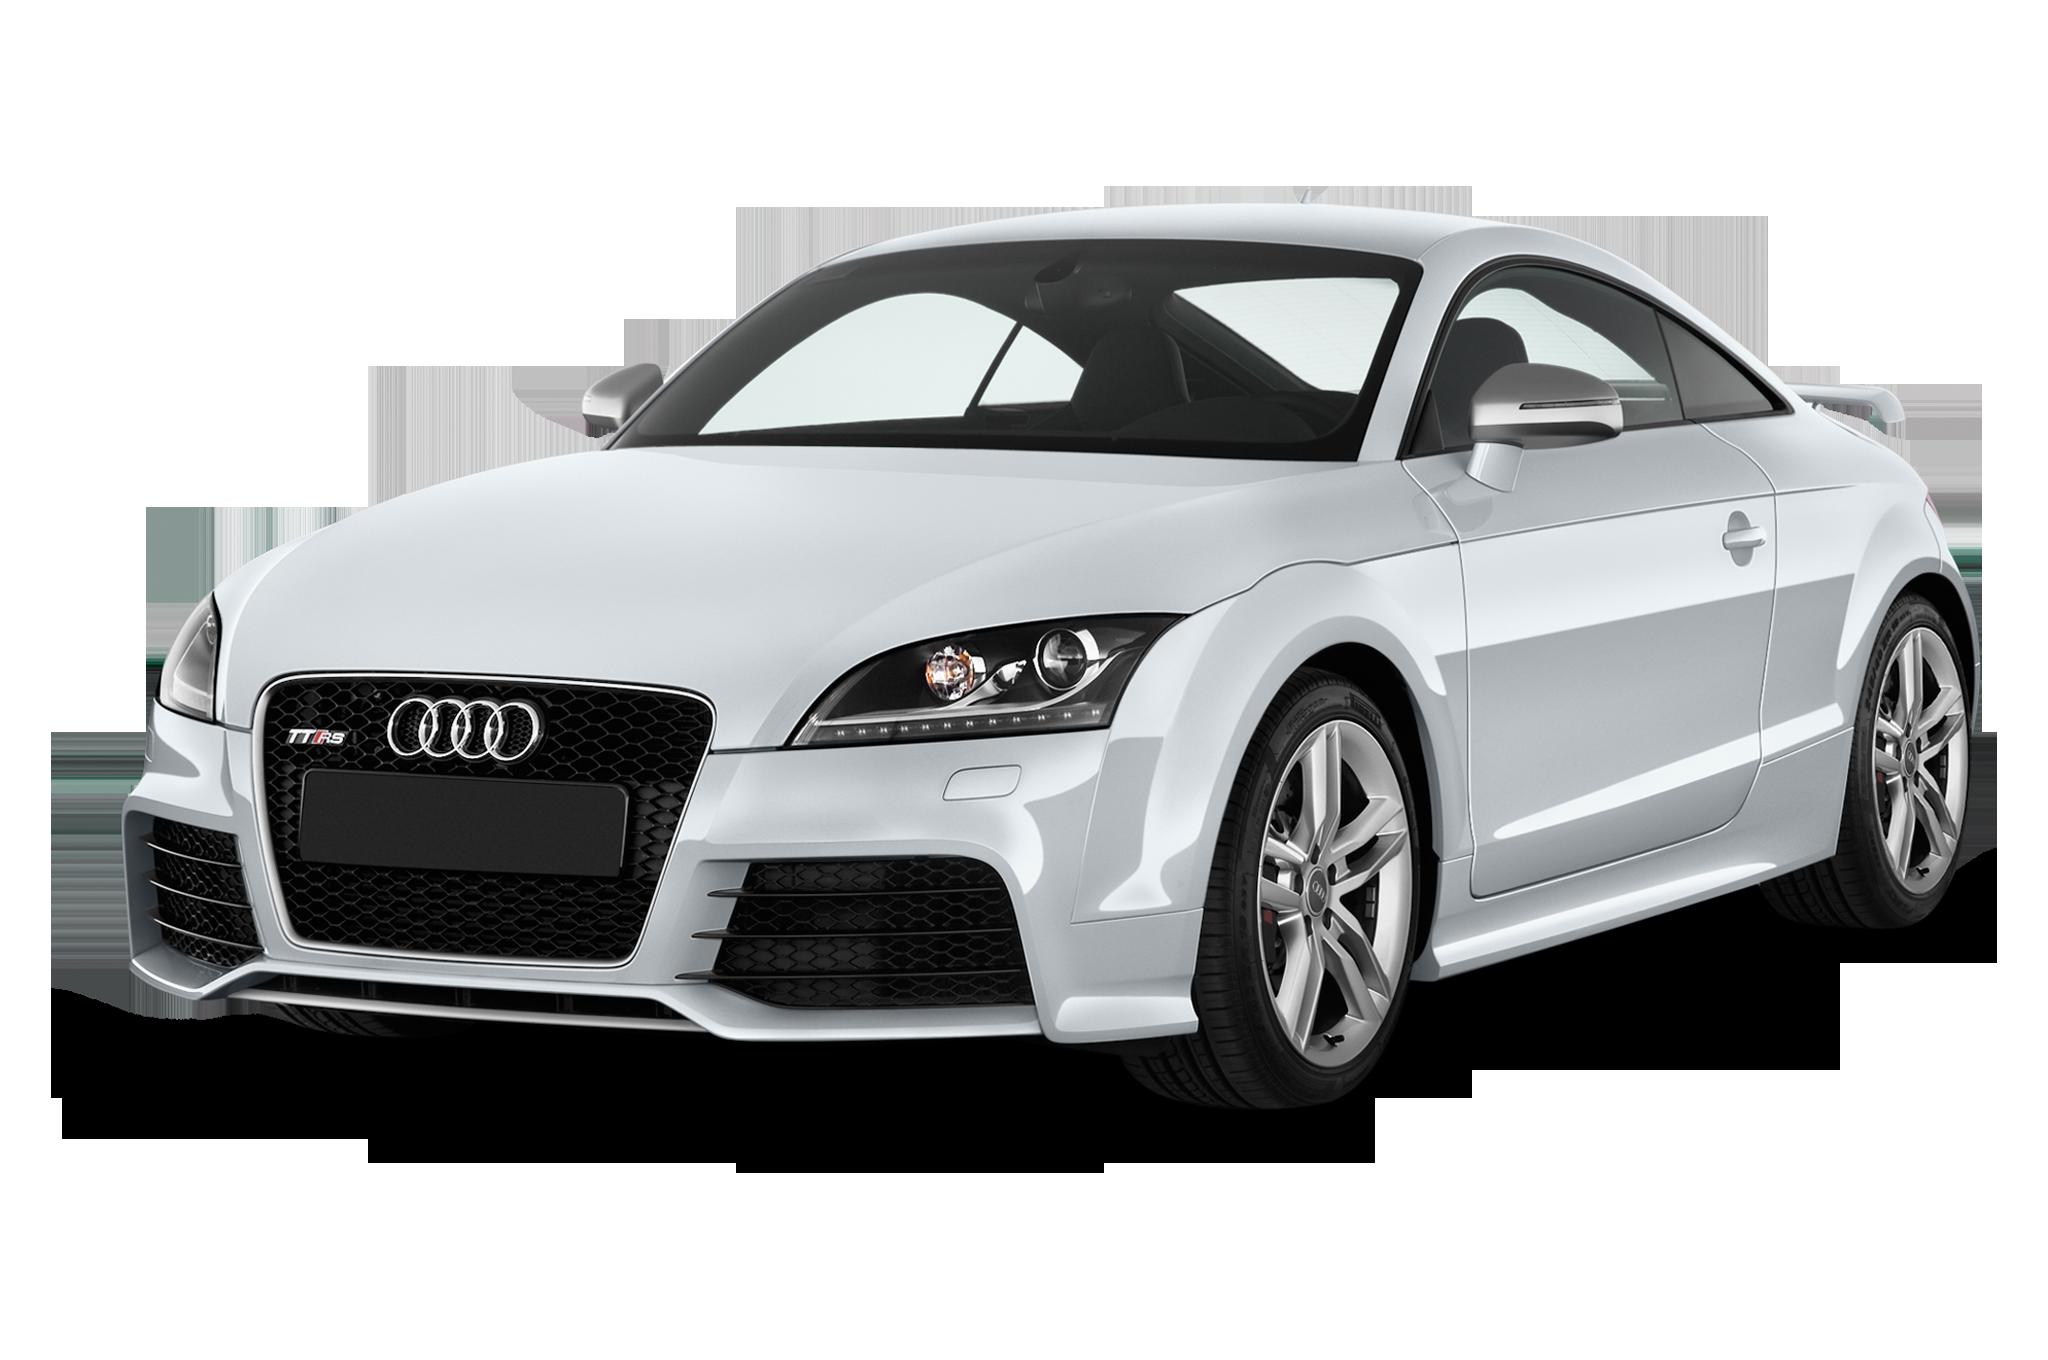 Audi TT (98-06) (8N)